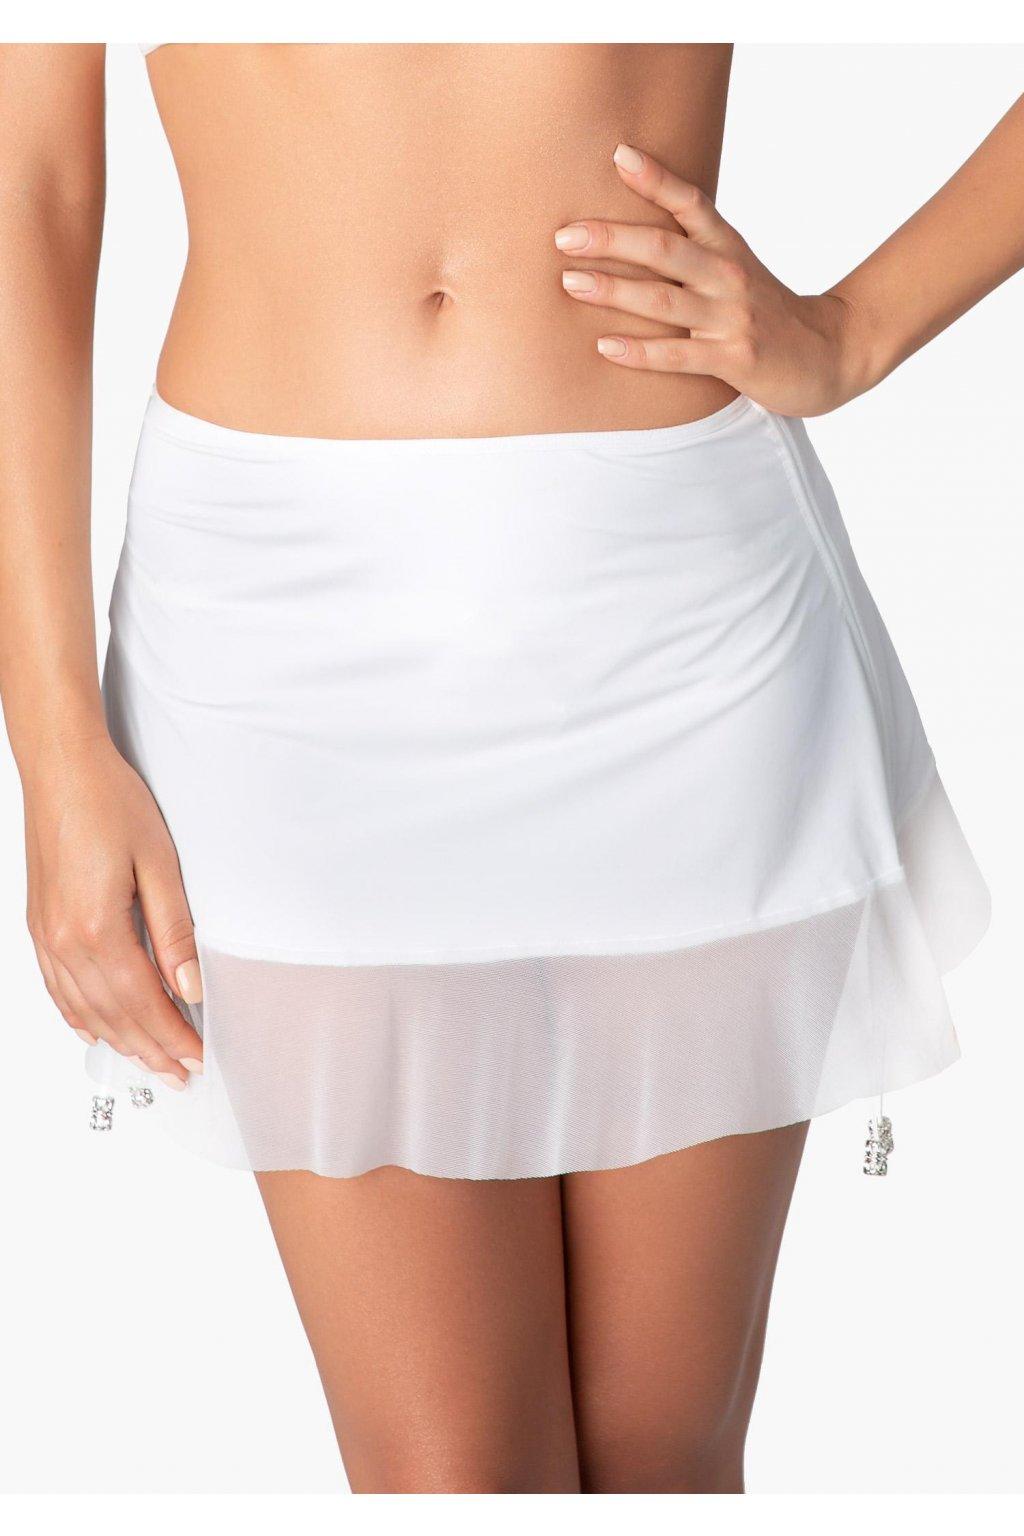 marilyn spodniczka plazowa z falbanka mamba white 2